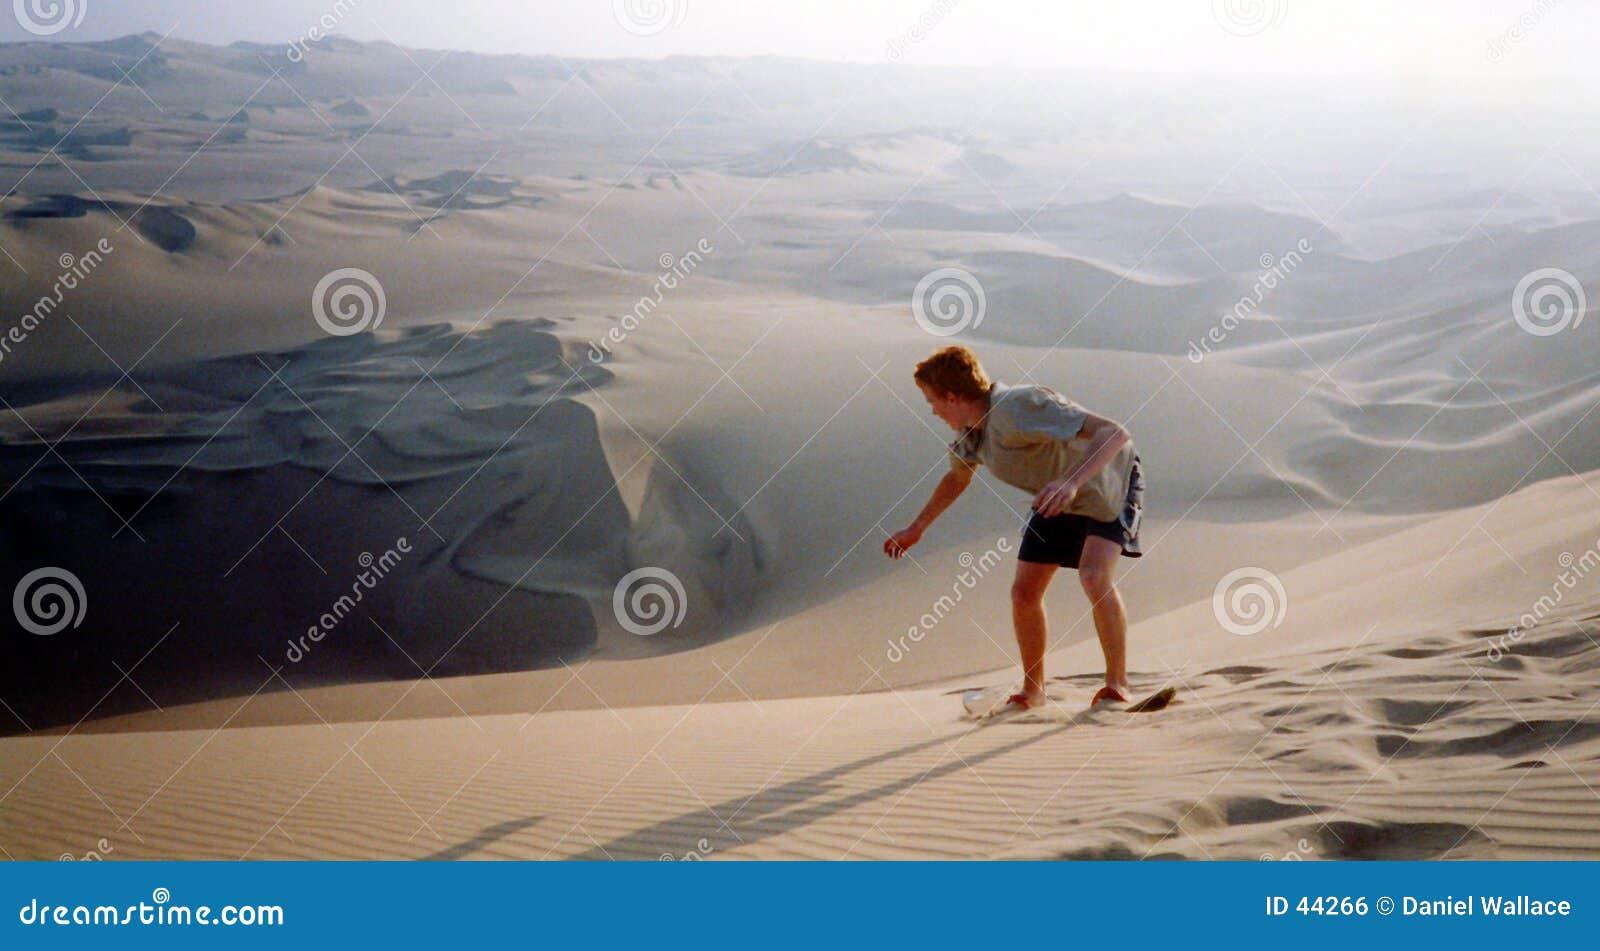 Deserto che sandboarding